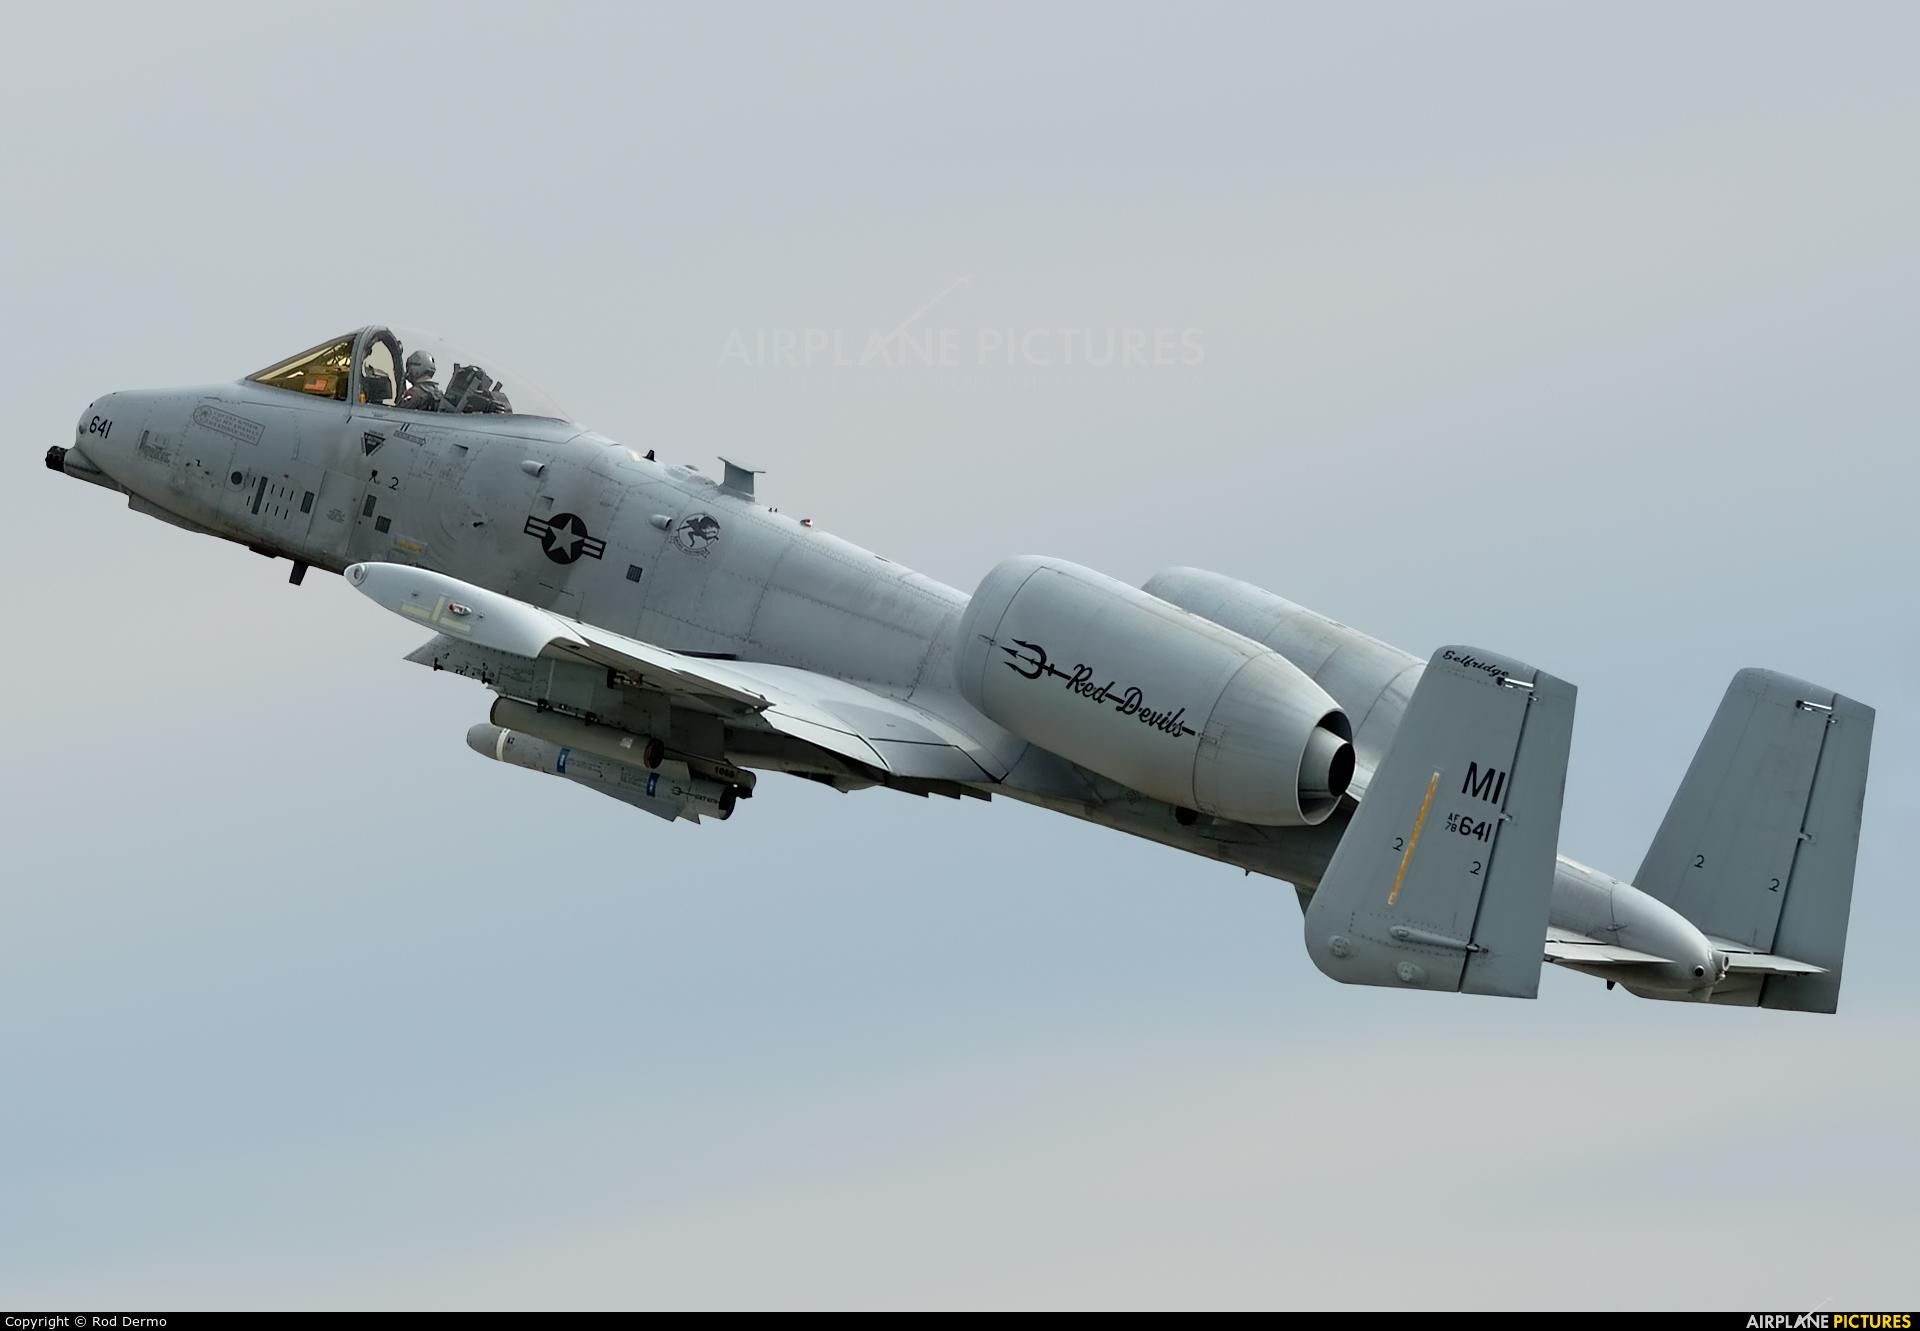 USA - Air Force 78-0641 aircraft at London  Intl, ON